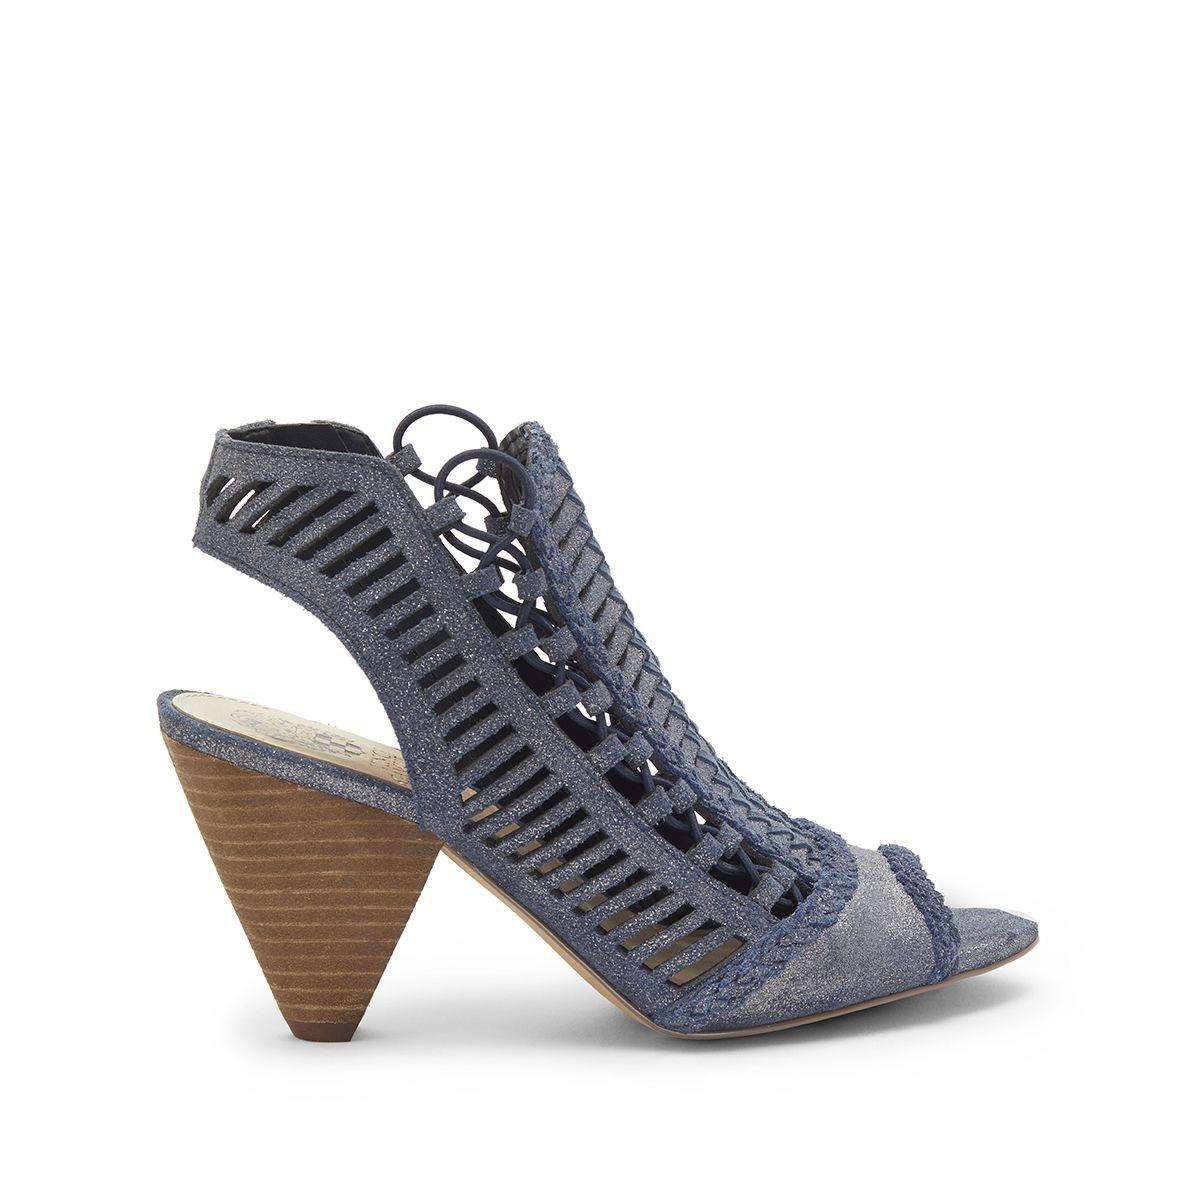 2d0788801118 Vince Camuto Shoes - Macy s